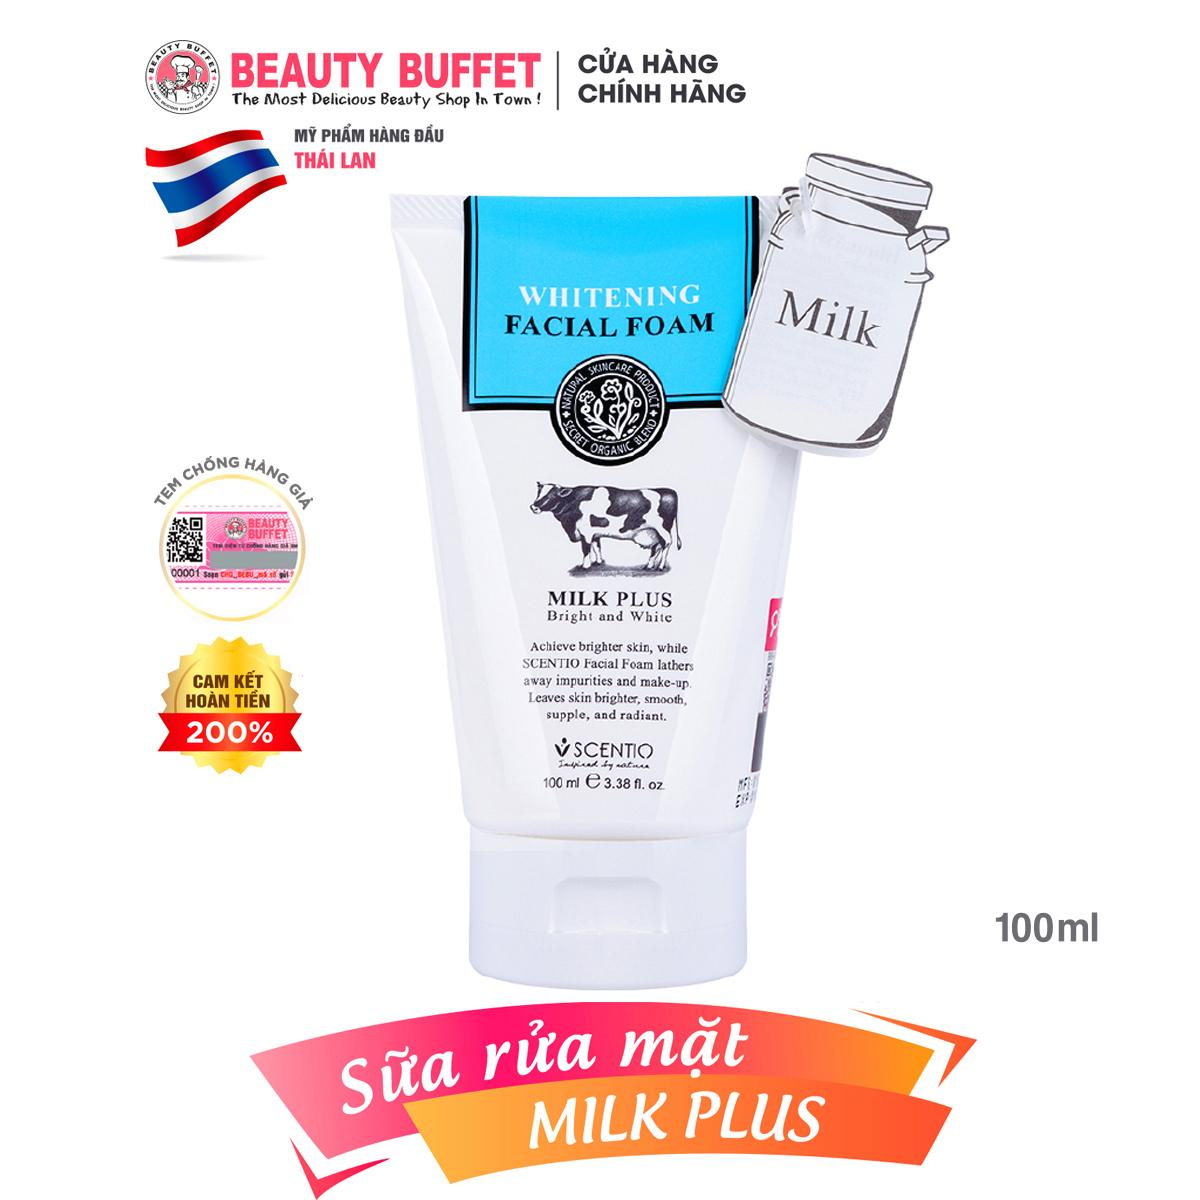 Sữa rửa mặt con bò Beauty Buffet Scentio Milk Plus nuôi dưỡng da mặt rạng rỡ và khỏe mạnh 100ml